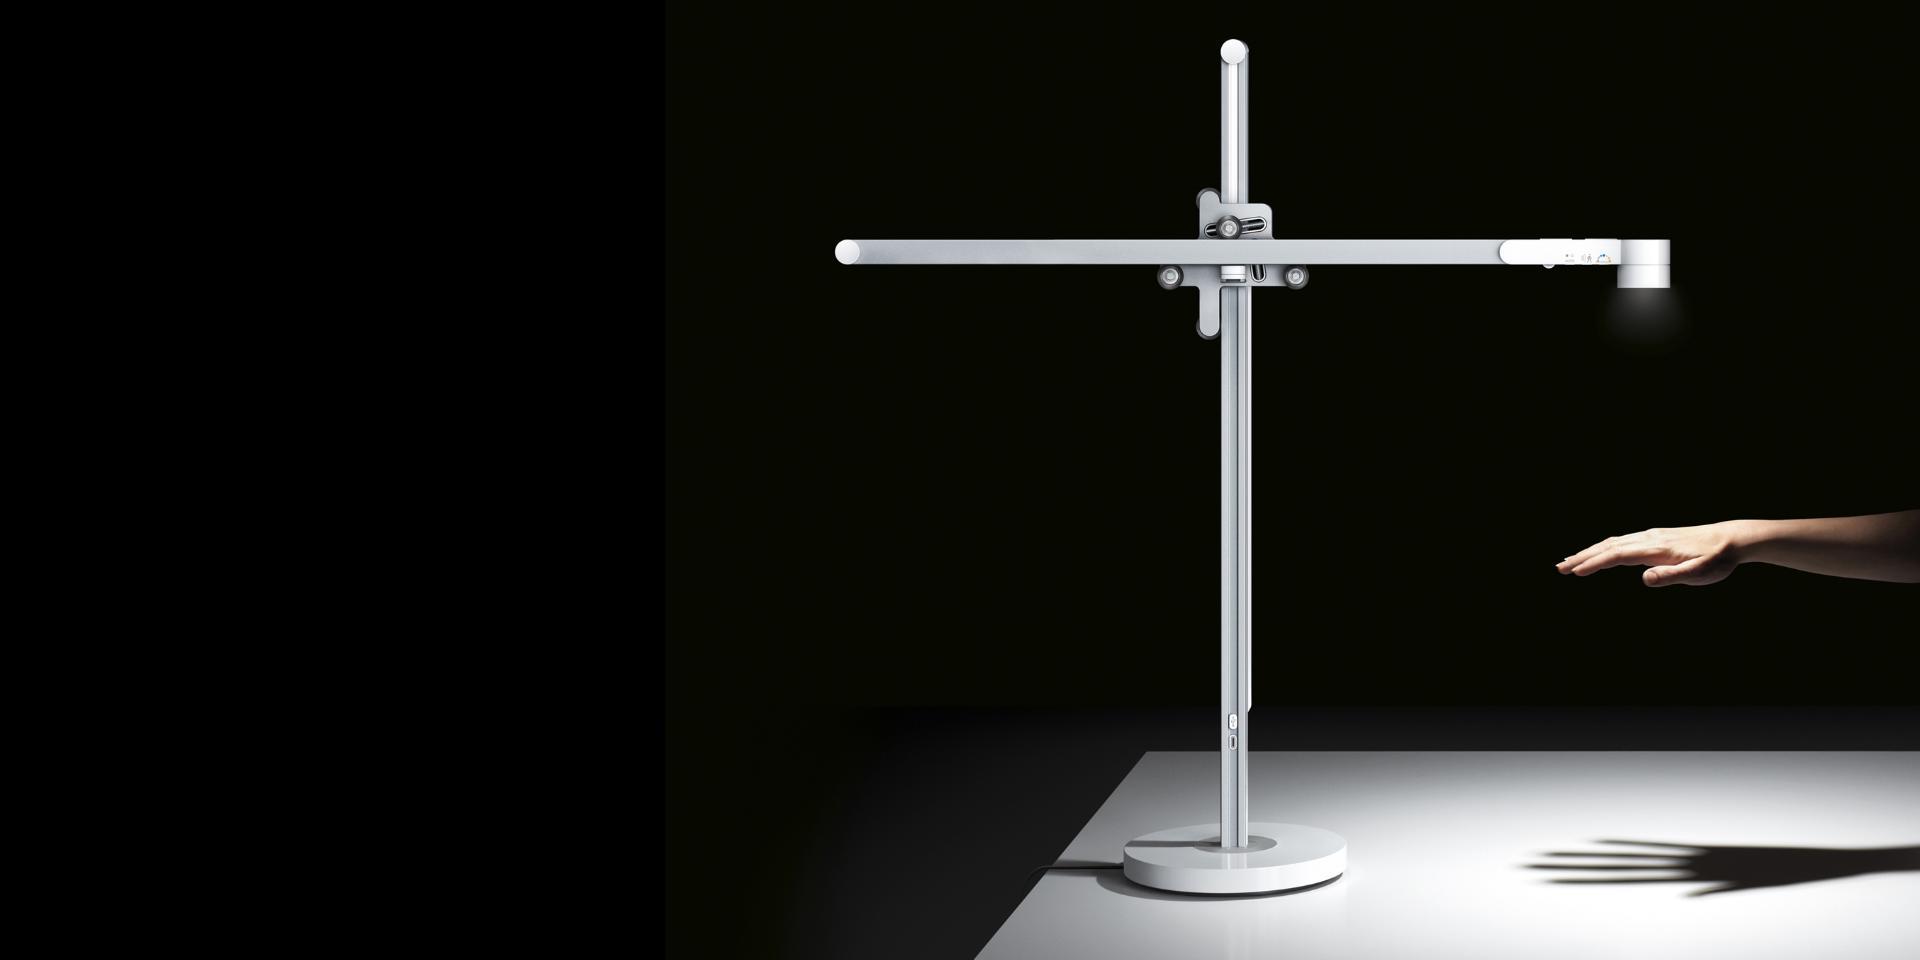 La lámpara de trabajo Dyson Lightcycle brillando con potencia en una mano